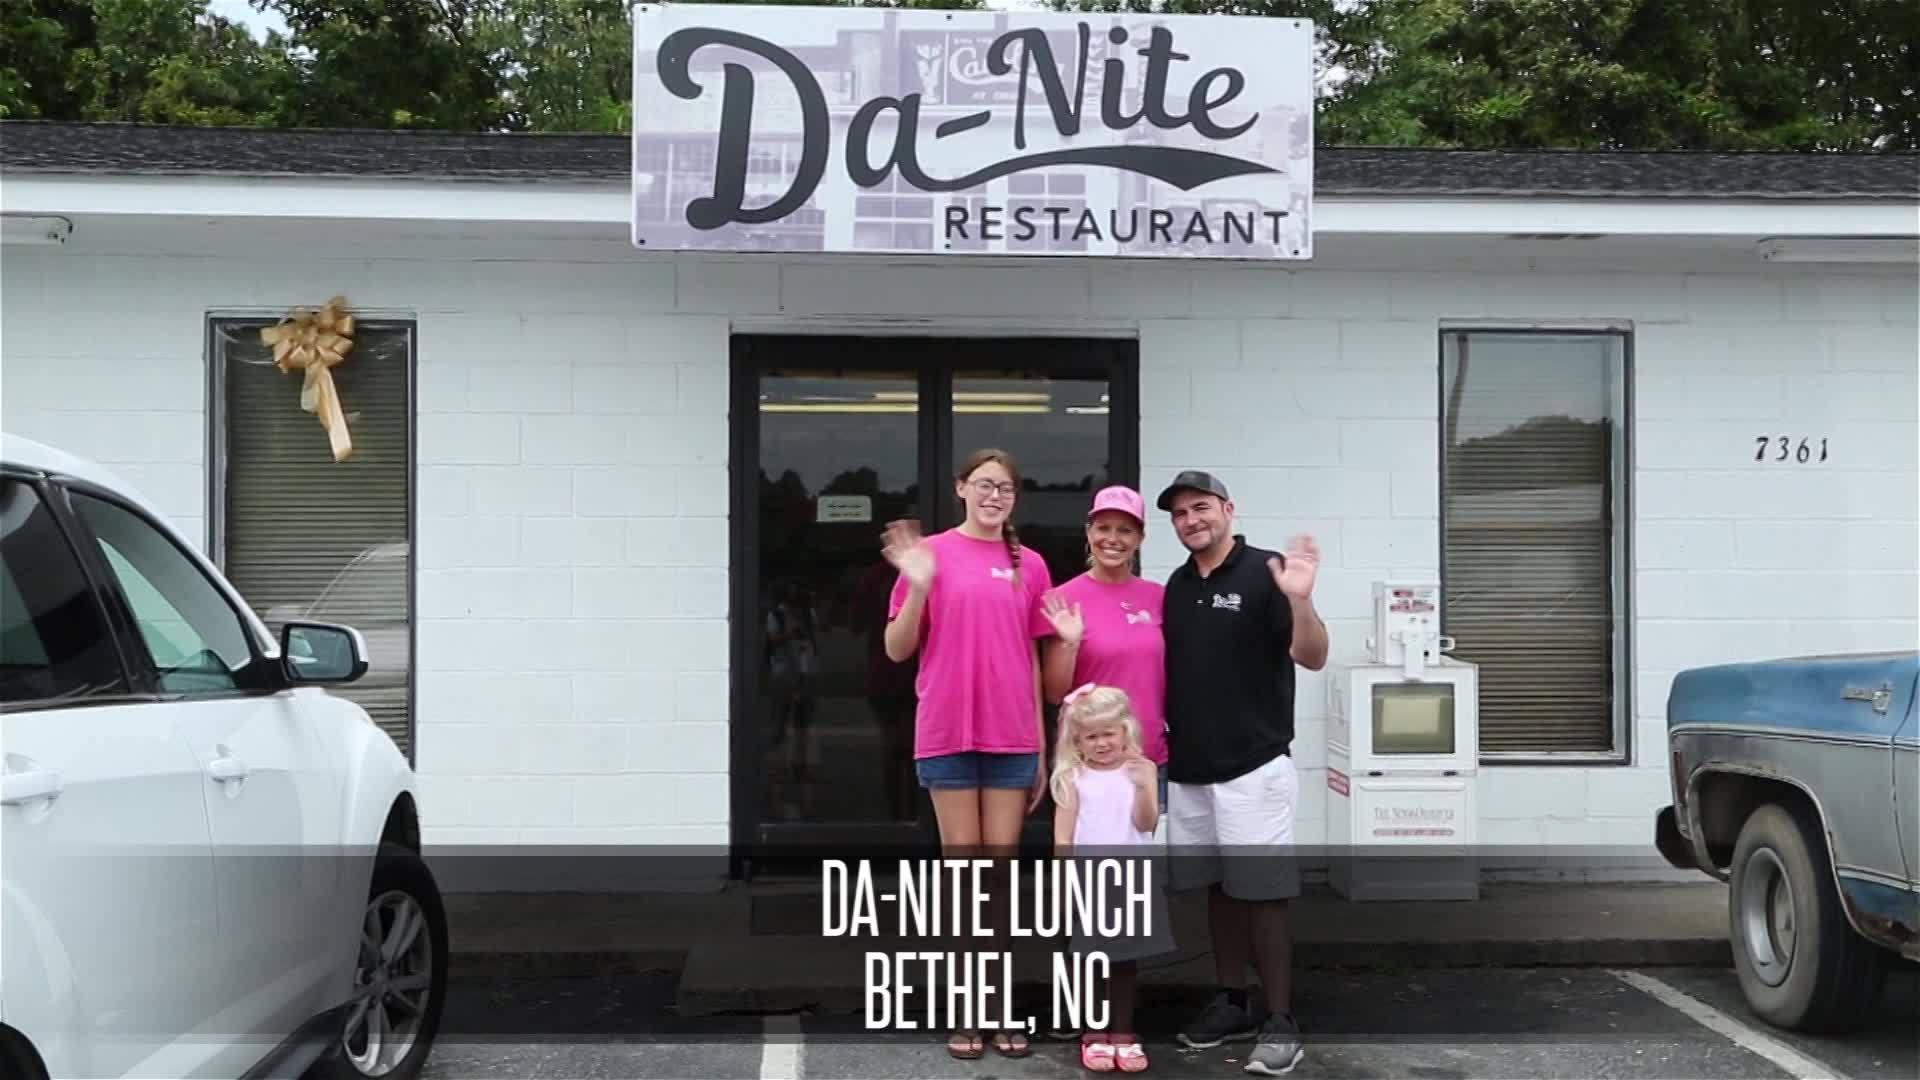 Da-Nite Restaurant